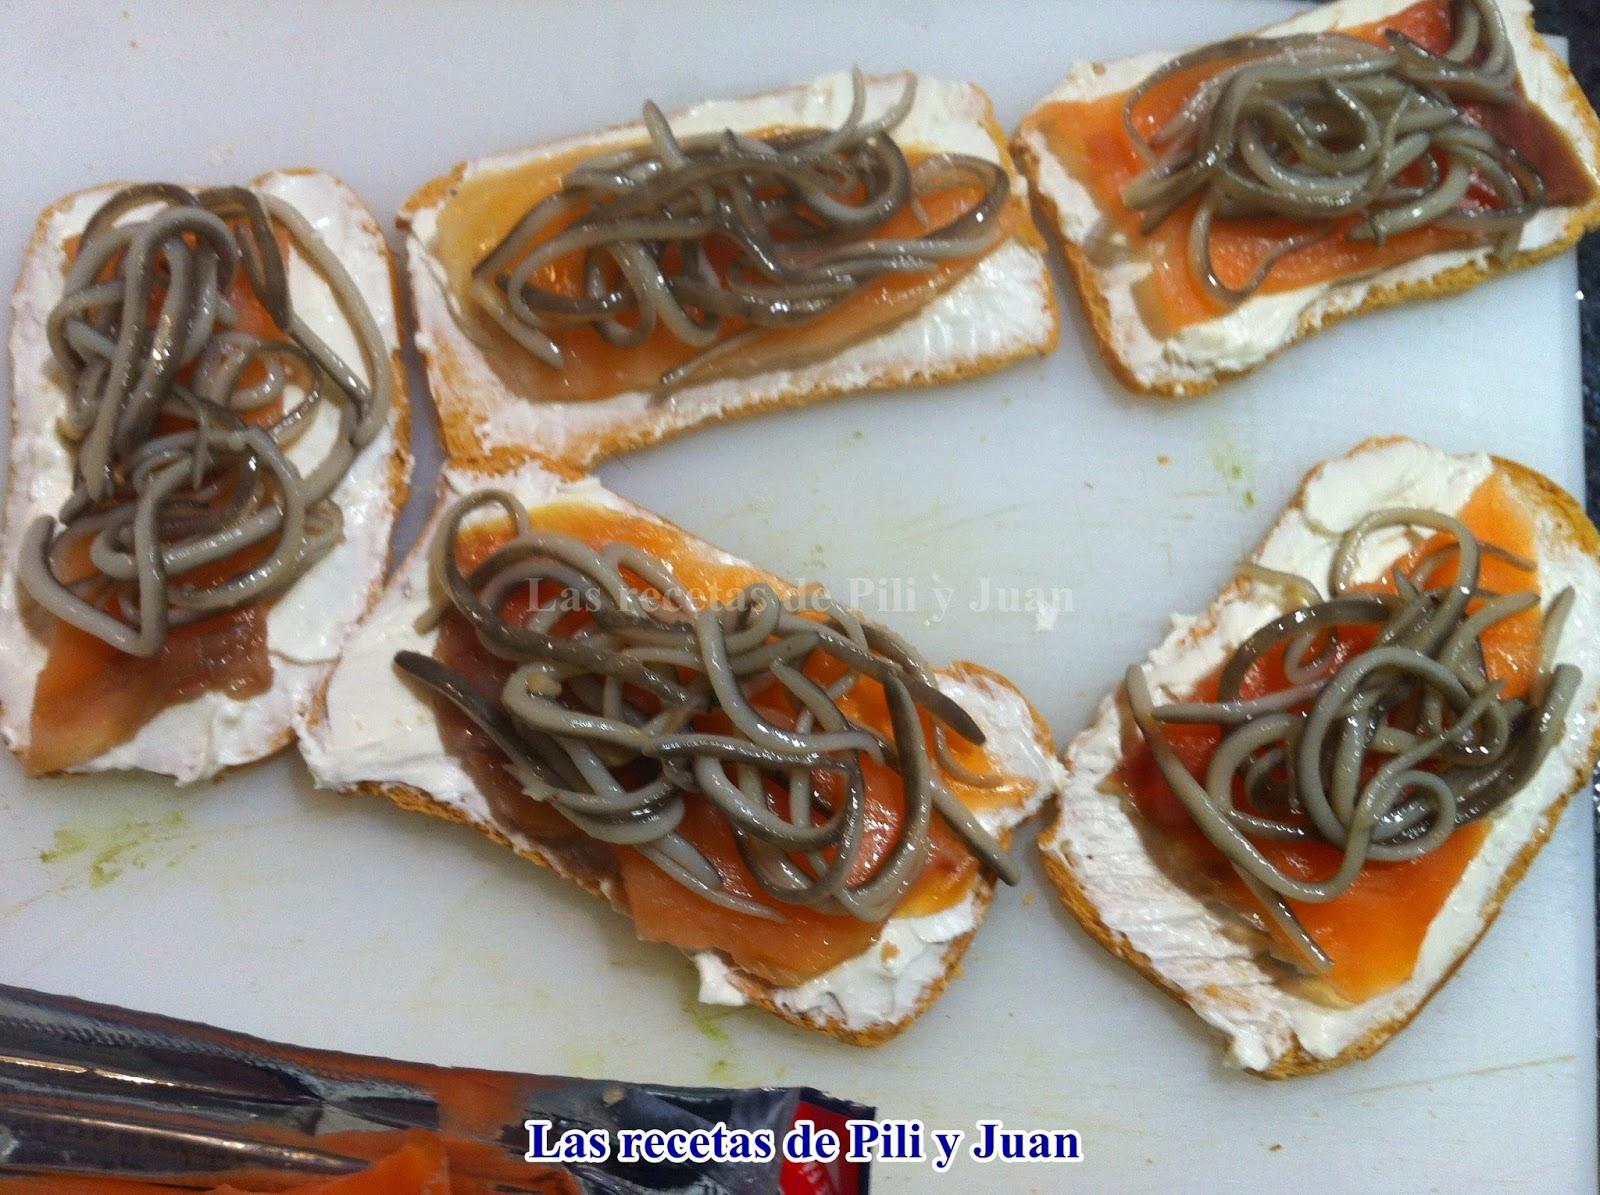 Las recetas de pili y juan tosta de salm n ahumado con gulas - Aperitivos de salmon ahumado ...